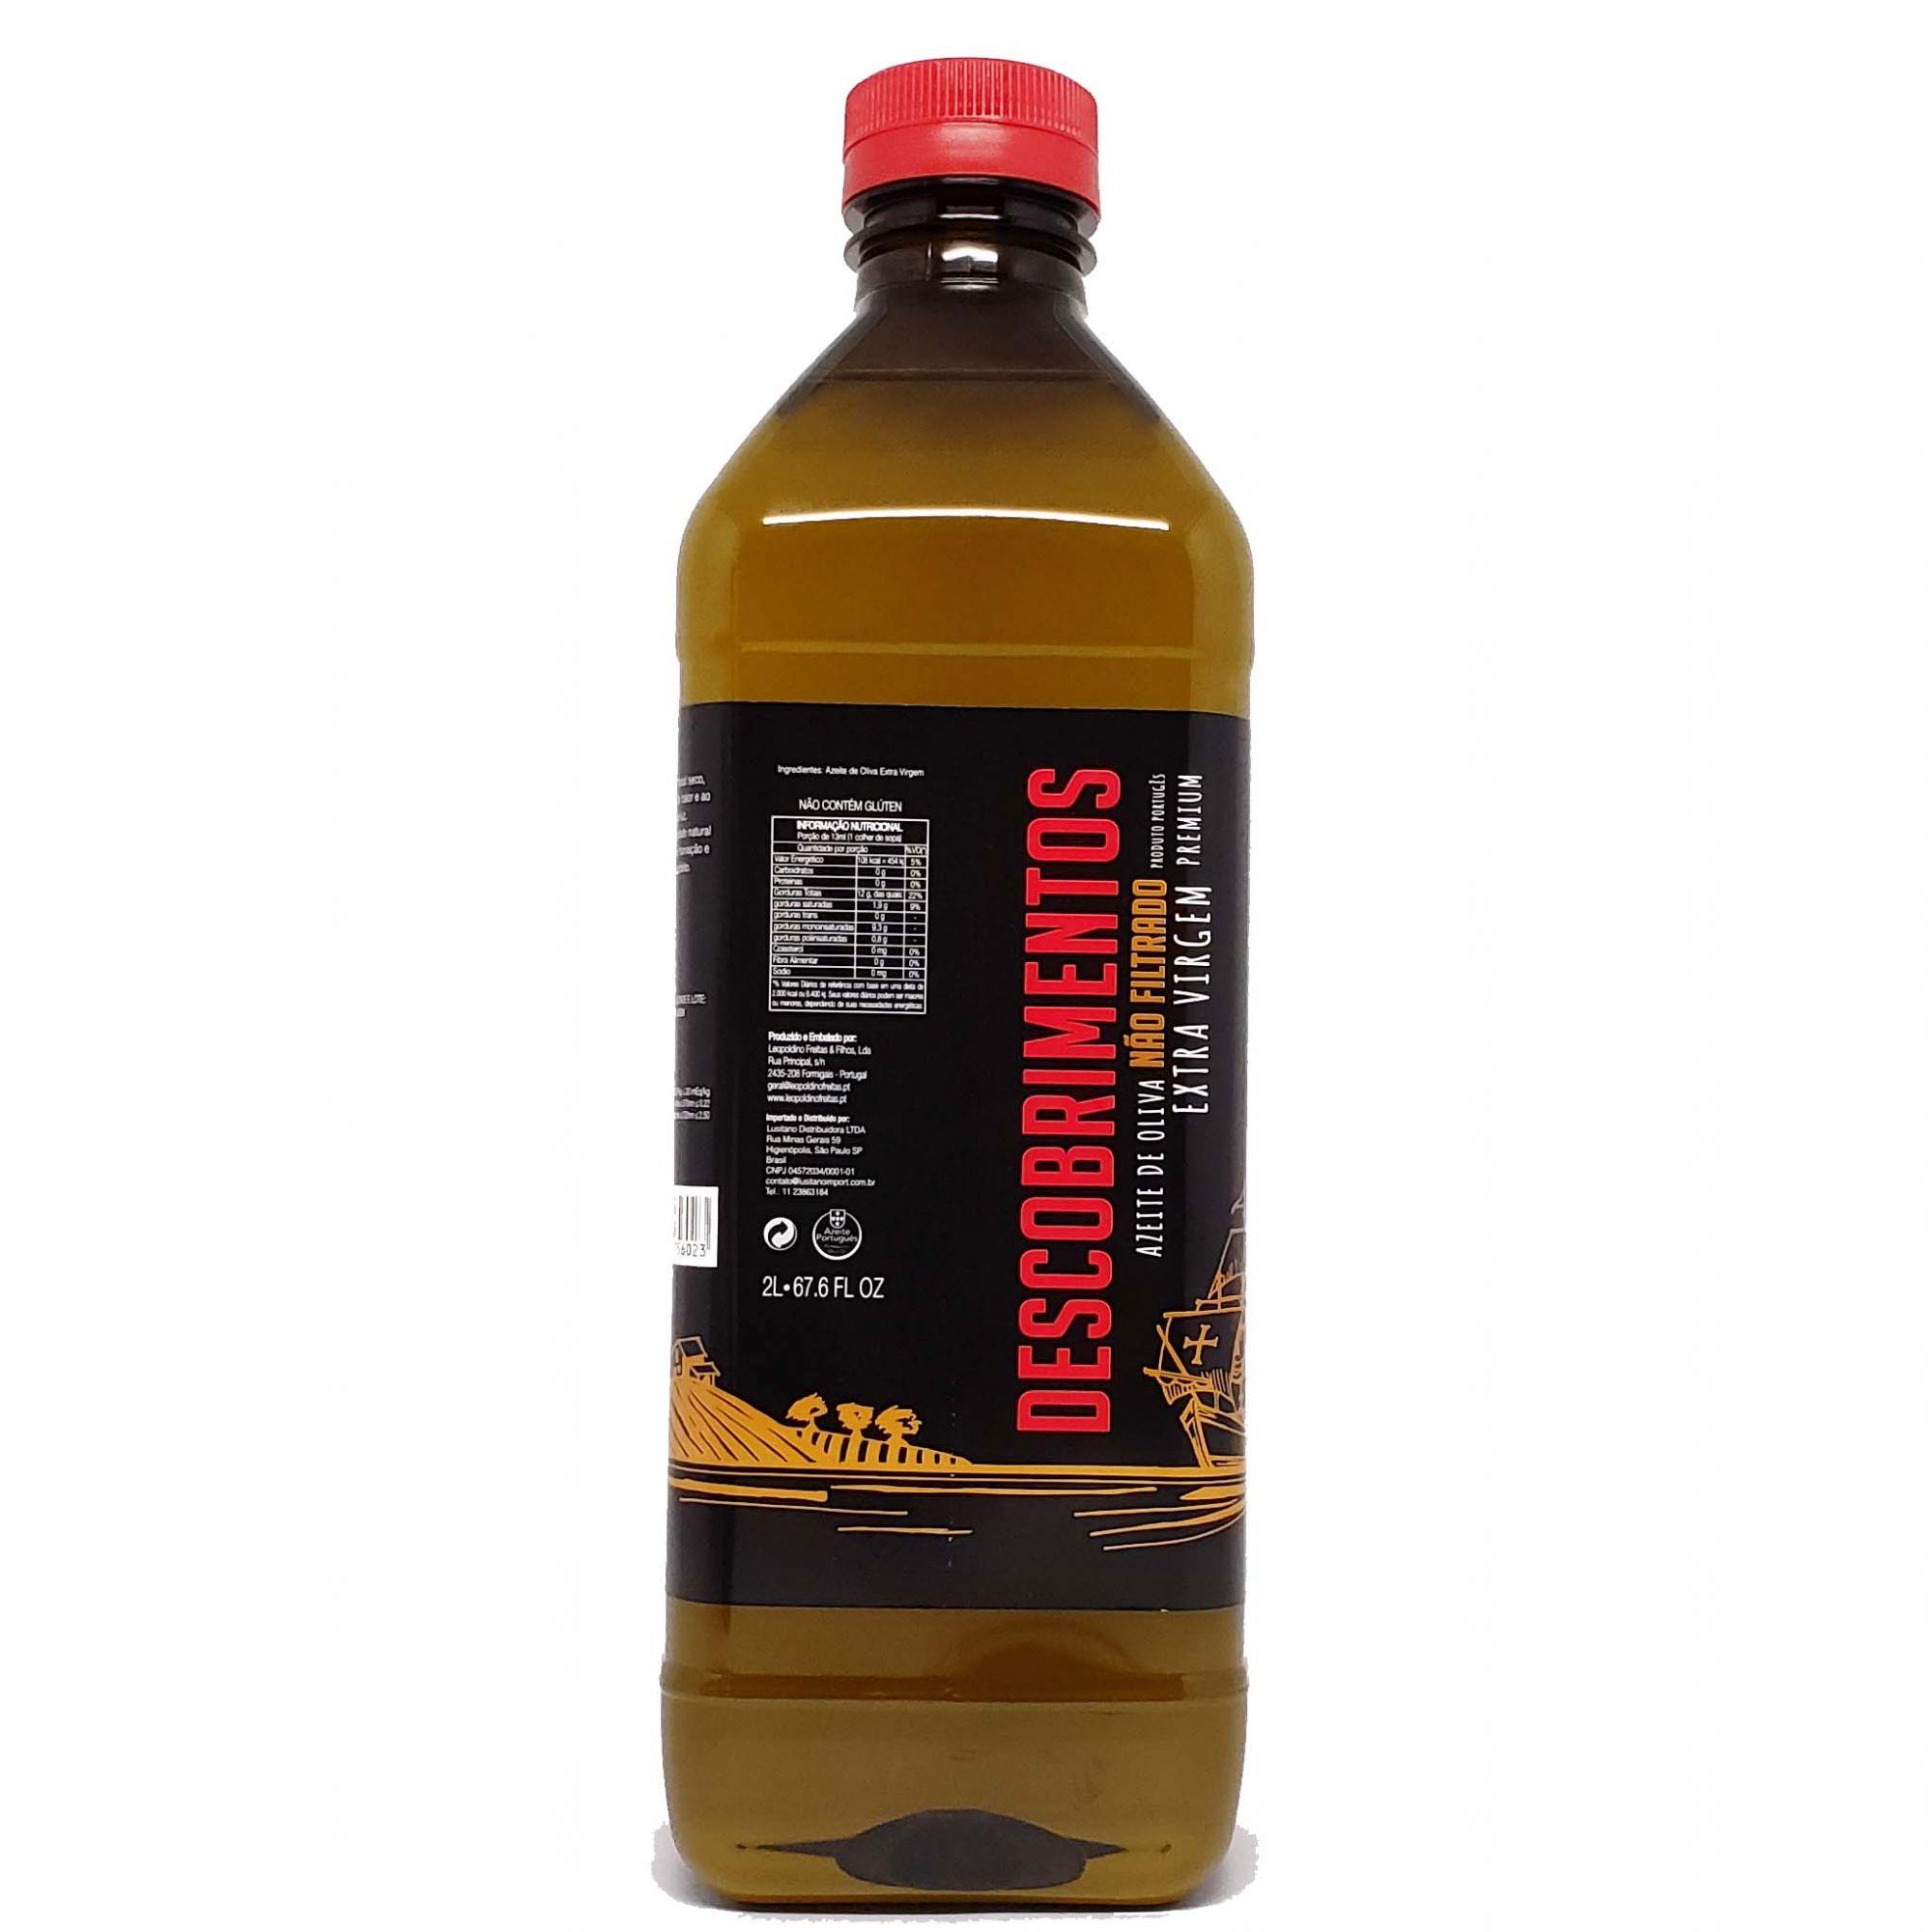 Azeite de Oliva Extra Virgem Descobrimentos - 2L -